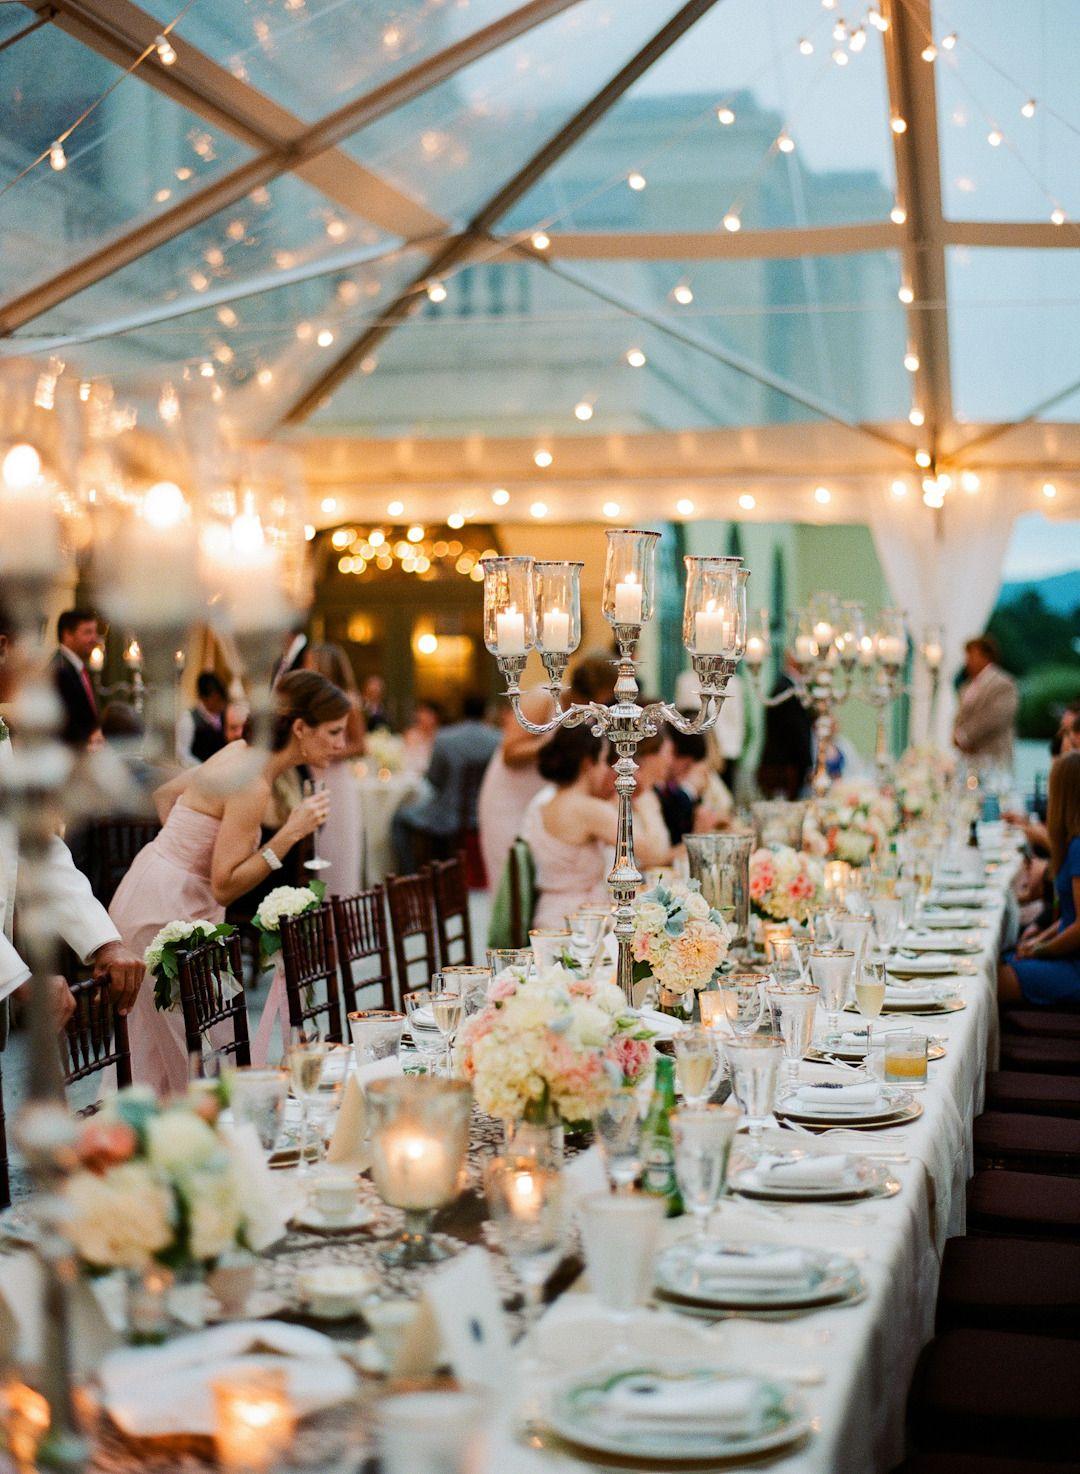 Una decoración muy bien lograda, con luces, velas y un techo translúcido, un ambiente cálido, elegante y acogedor ... me encanta!!